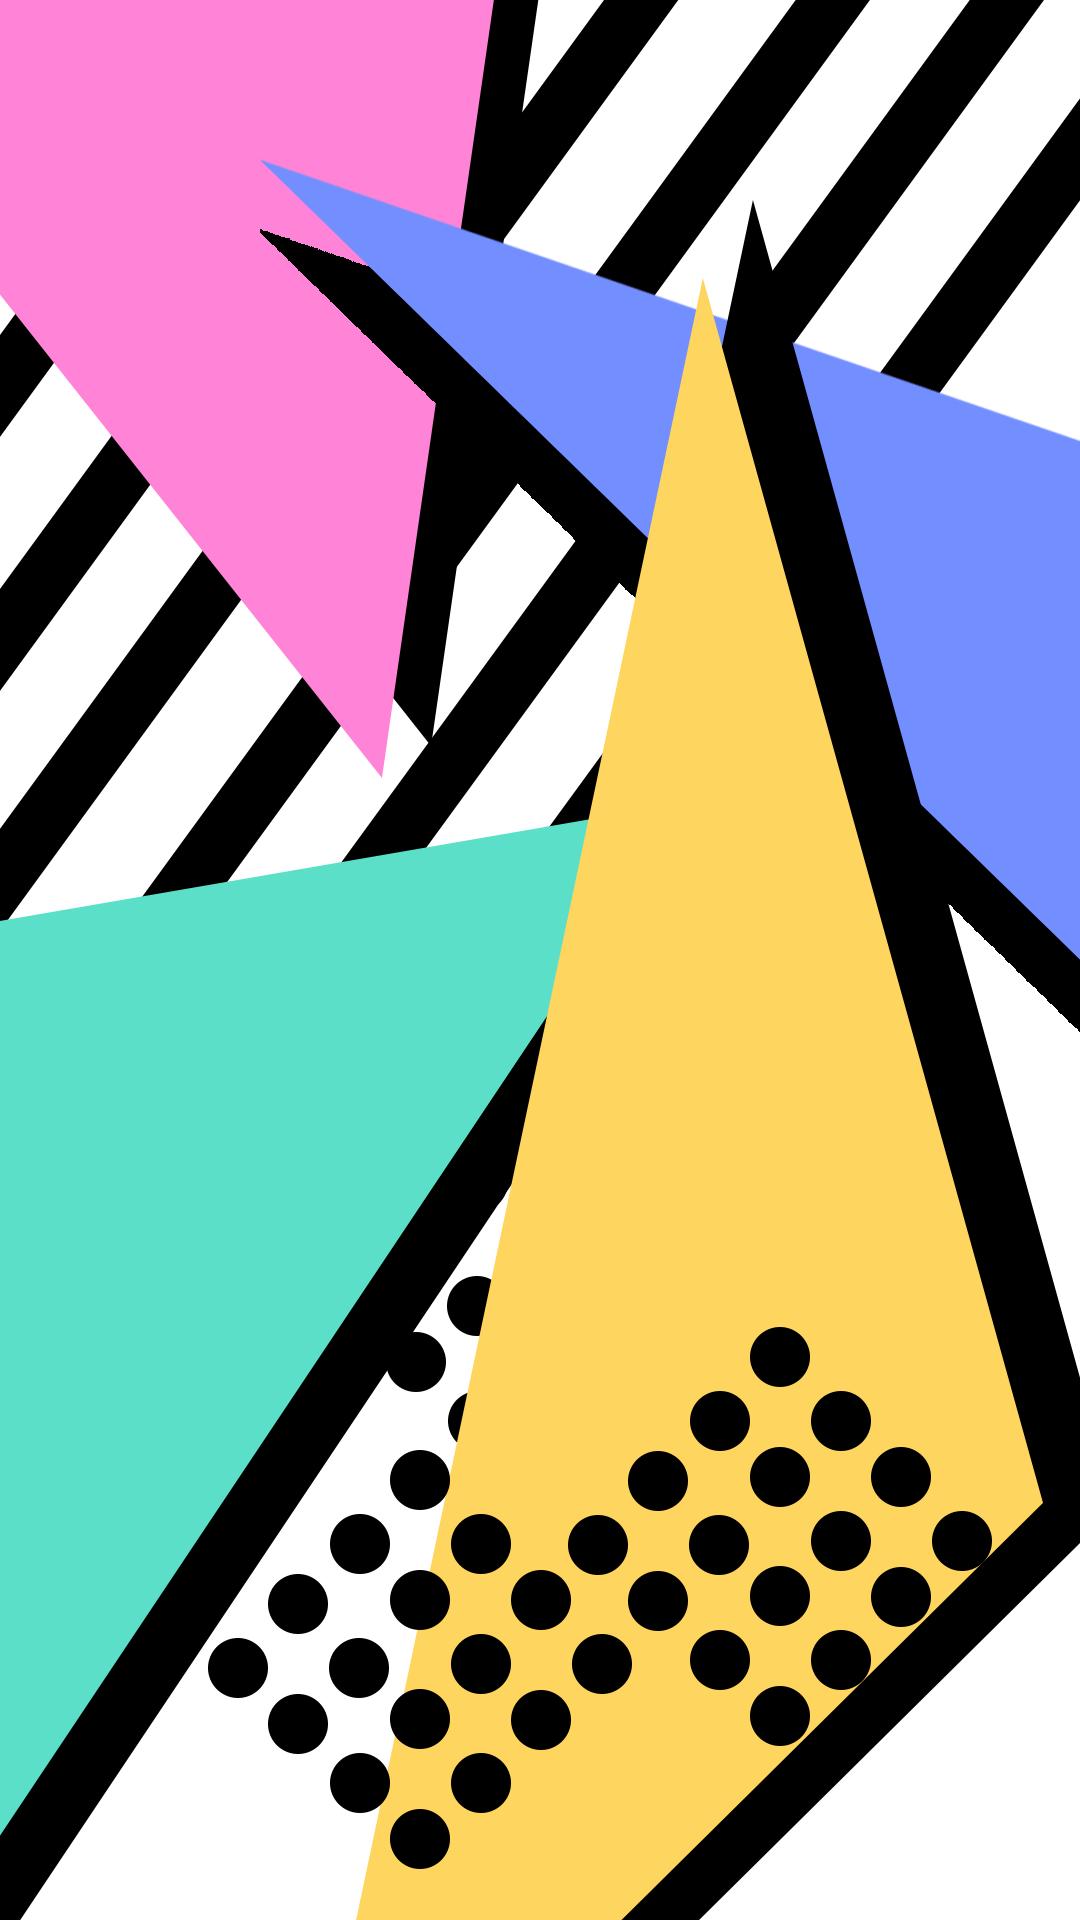 Retro Wallpaper   90s [1920x1080] in 2020 Art wallpaper iphone 1080x1920